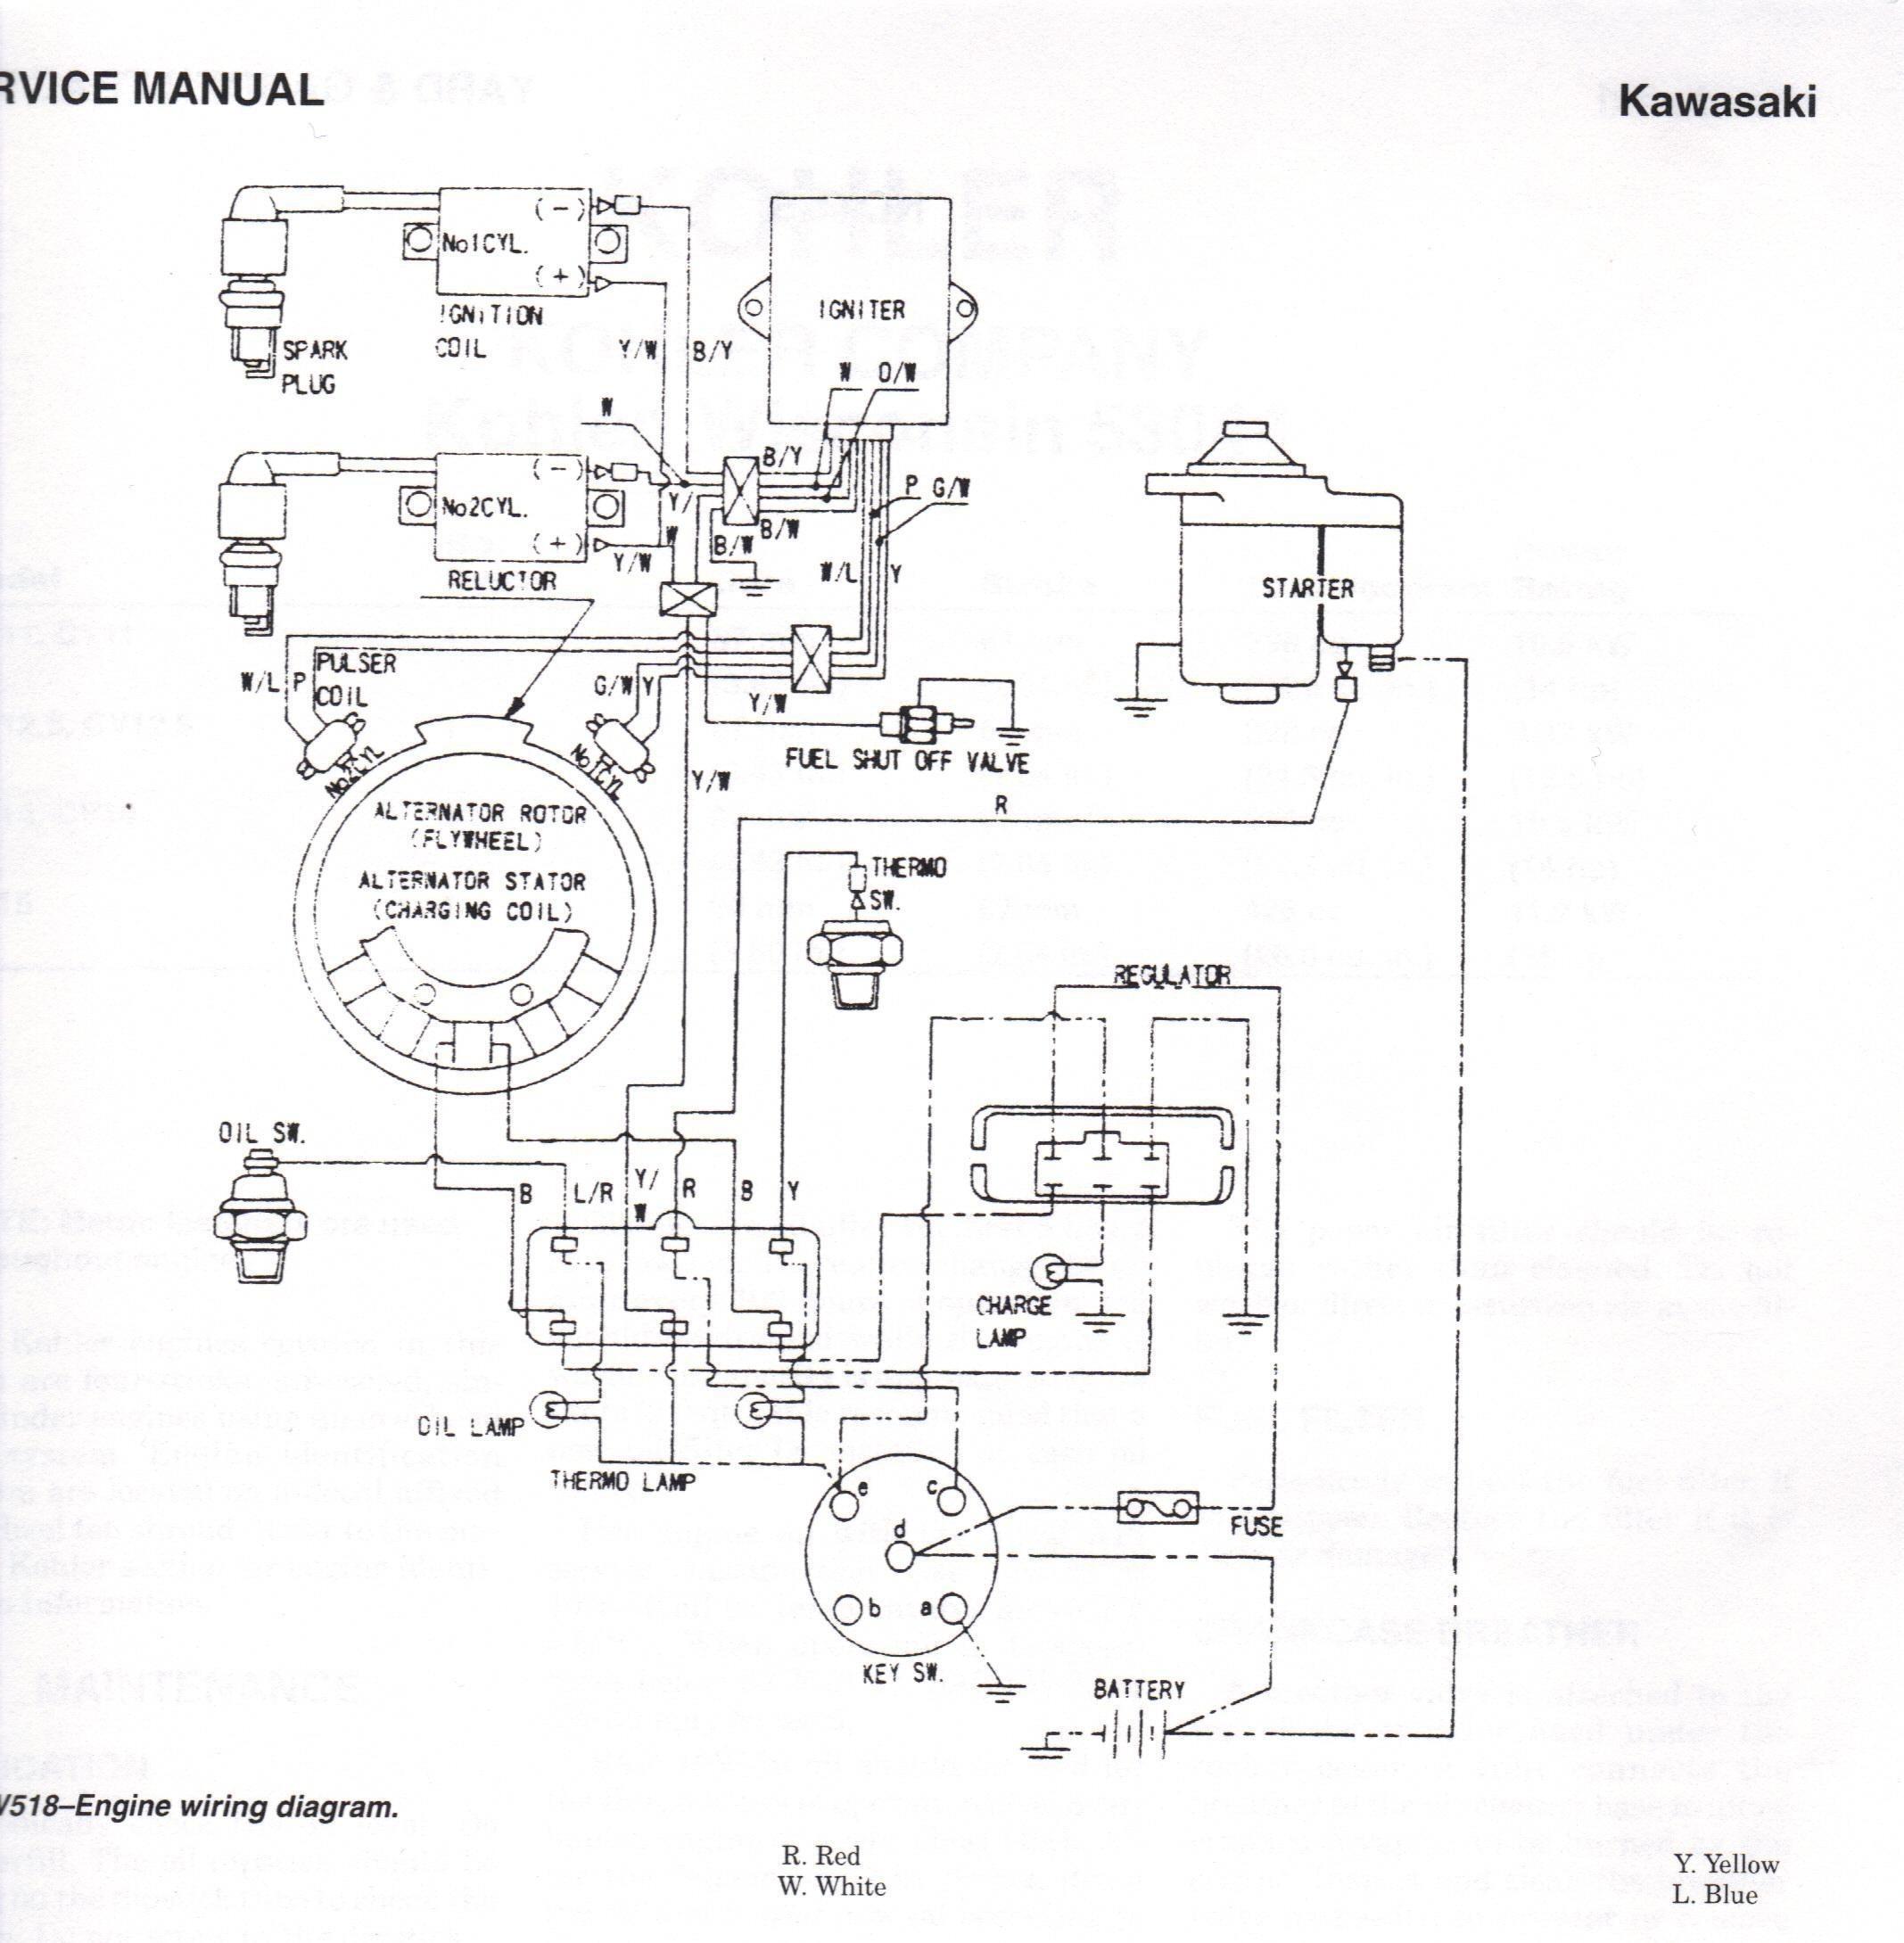 [DIAGRAM_5UK]  WE_2712] John Deere 4230 Wiring Diagram Free Picture Wiring Diagram | Online John Deere 2950 Wiring Diagram |  | Unec Phon Wedab Mohammedshrine Librar Wiring 101